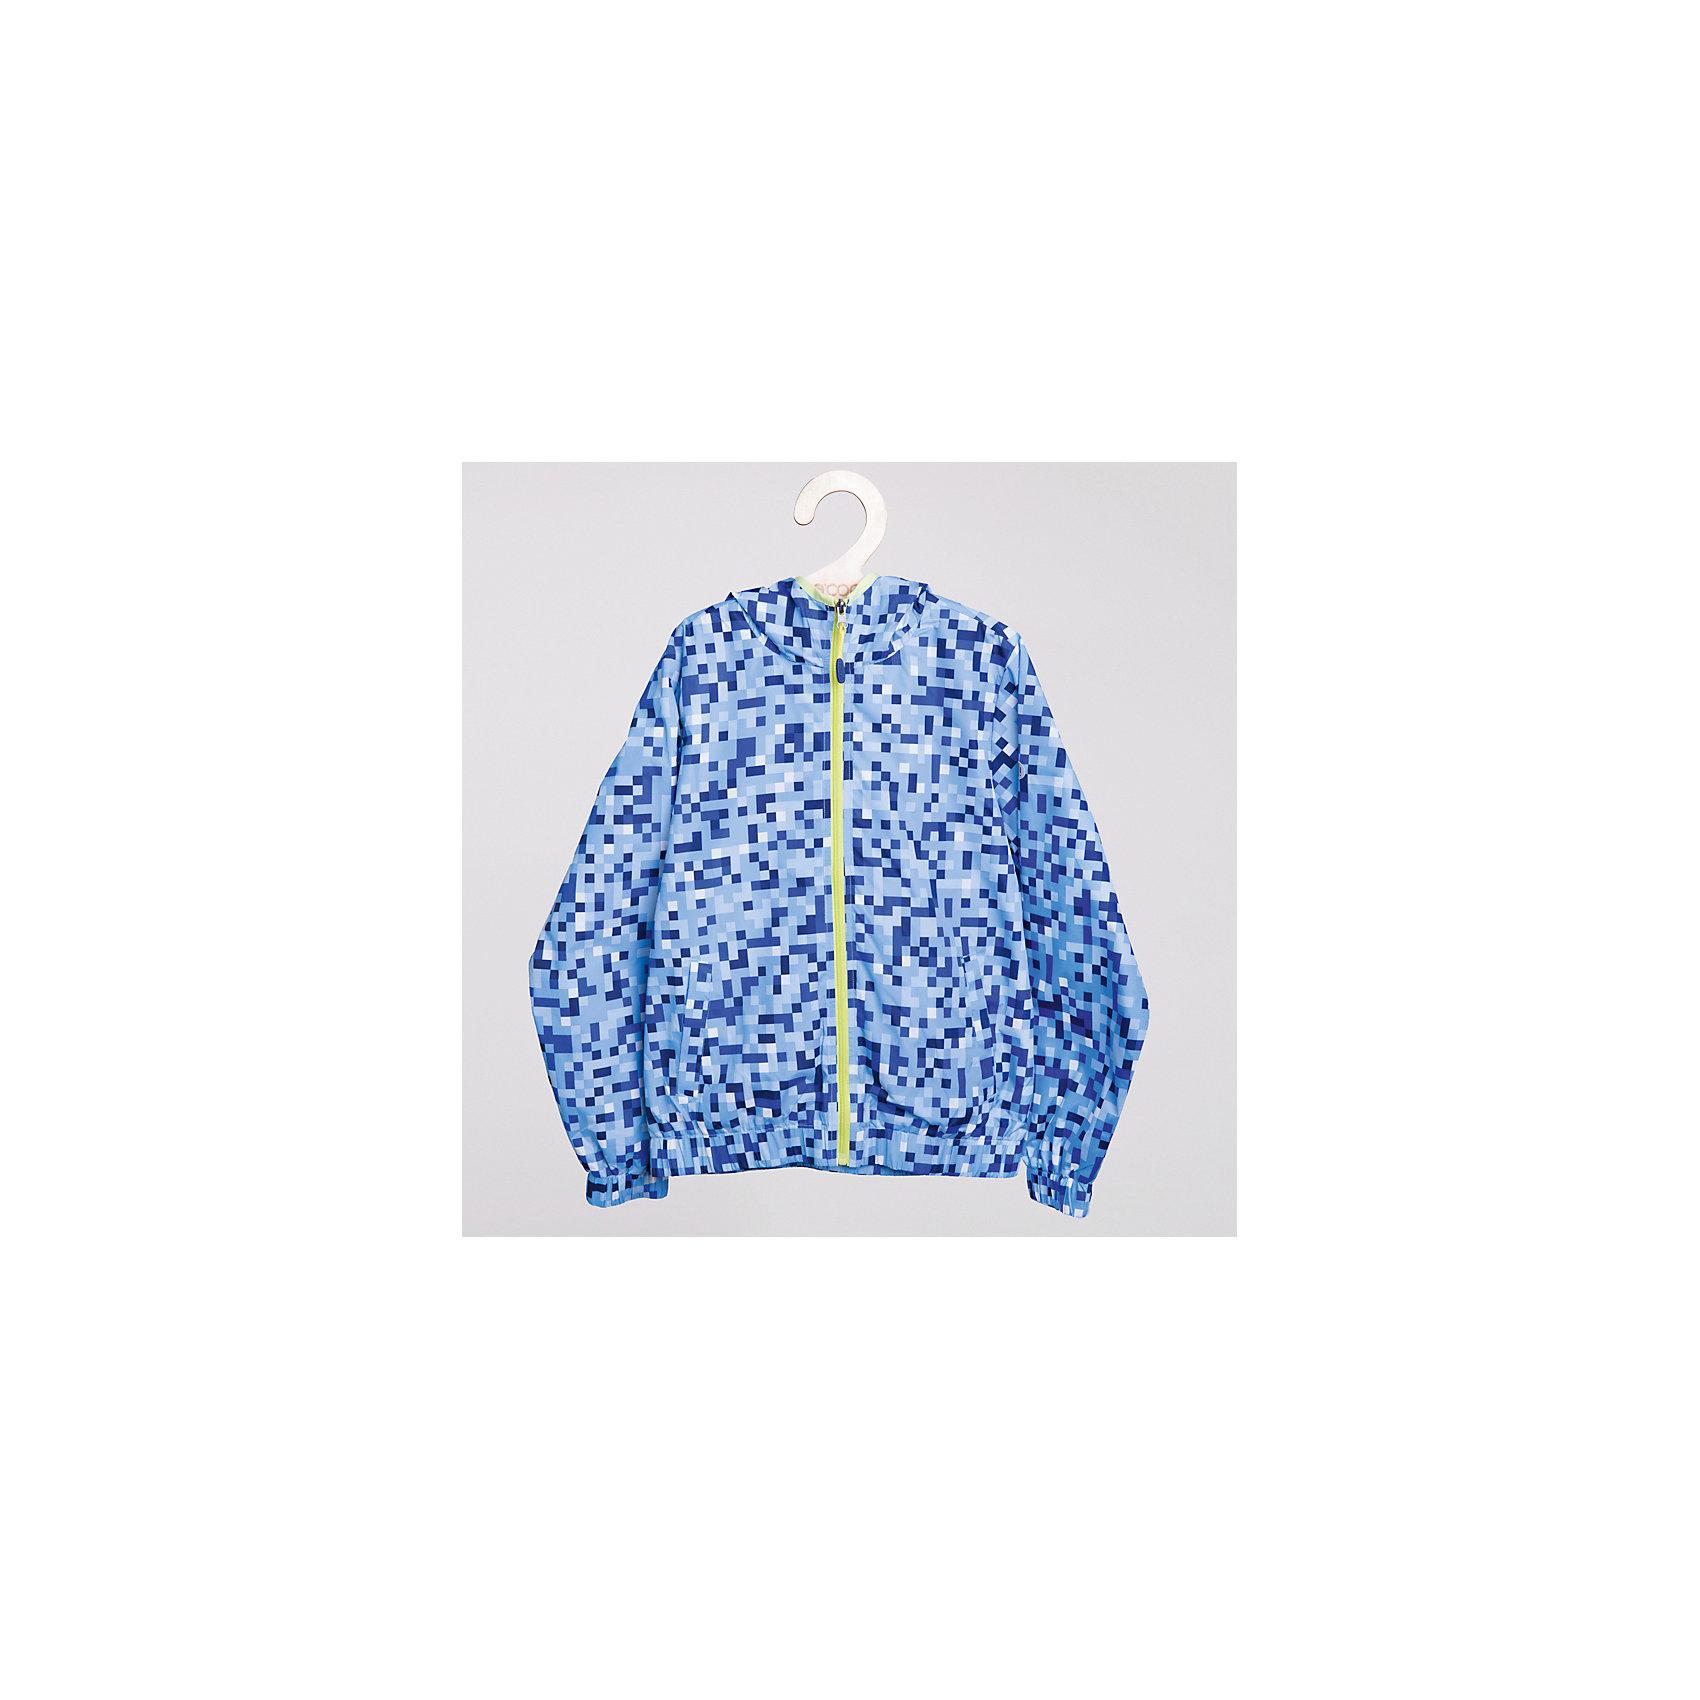 Куртка для мальчика ScoolКуртка с оригинальным принтом на прохладную погоду для мальчика <br>*Модель дополнена капюшоном <br>*Подкладка - хлопок <br>*Молния контрастного цвета <br>*Рукава и низ изделия на резинке <br>*Два функциональных кармана спереди Состав: верх:  100% полиэстер, подкладка:  65% полиэстер, 35% хлопок<br><br>Ширина мм: 356<br>Глубина мм: 10<br>Высота мм: 245<br>Вес г: 519<br>Цвет: голубой<br>Возраст от месяцев: 144<br>Возраст до месяцев: 156<br>Пол: Мужской<br>Возраст: Детский<br>Размер: 158,140,134,152,164,146<br>SKU: 4000494